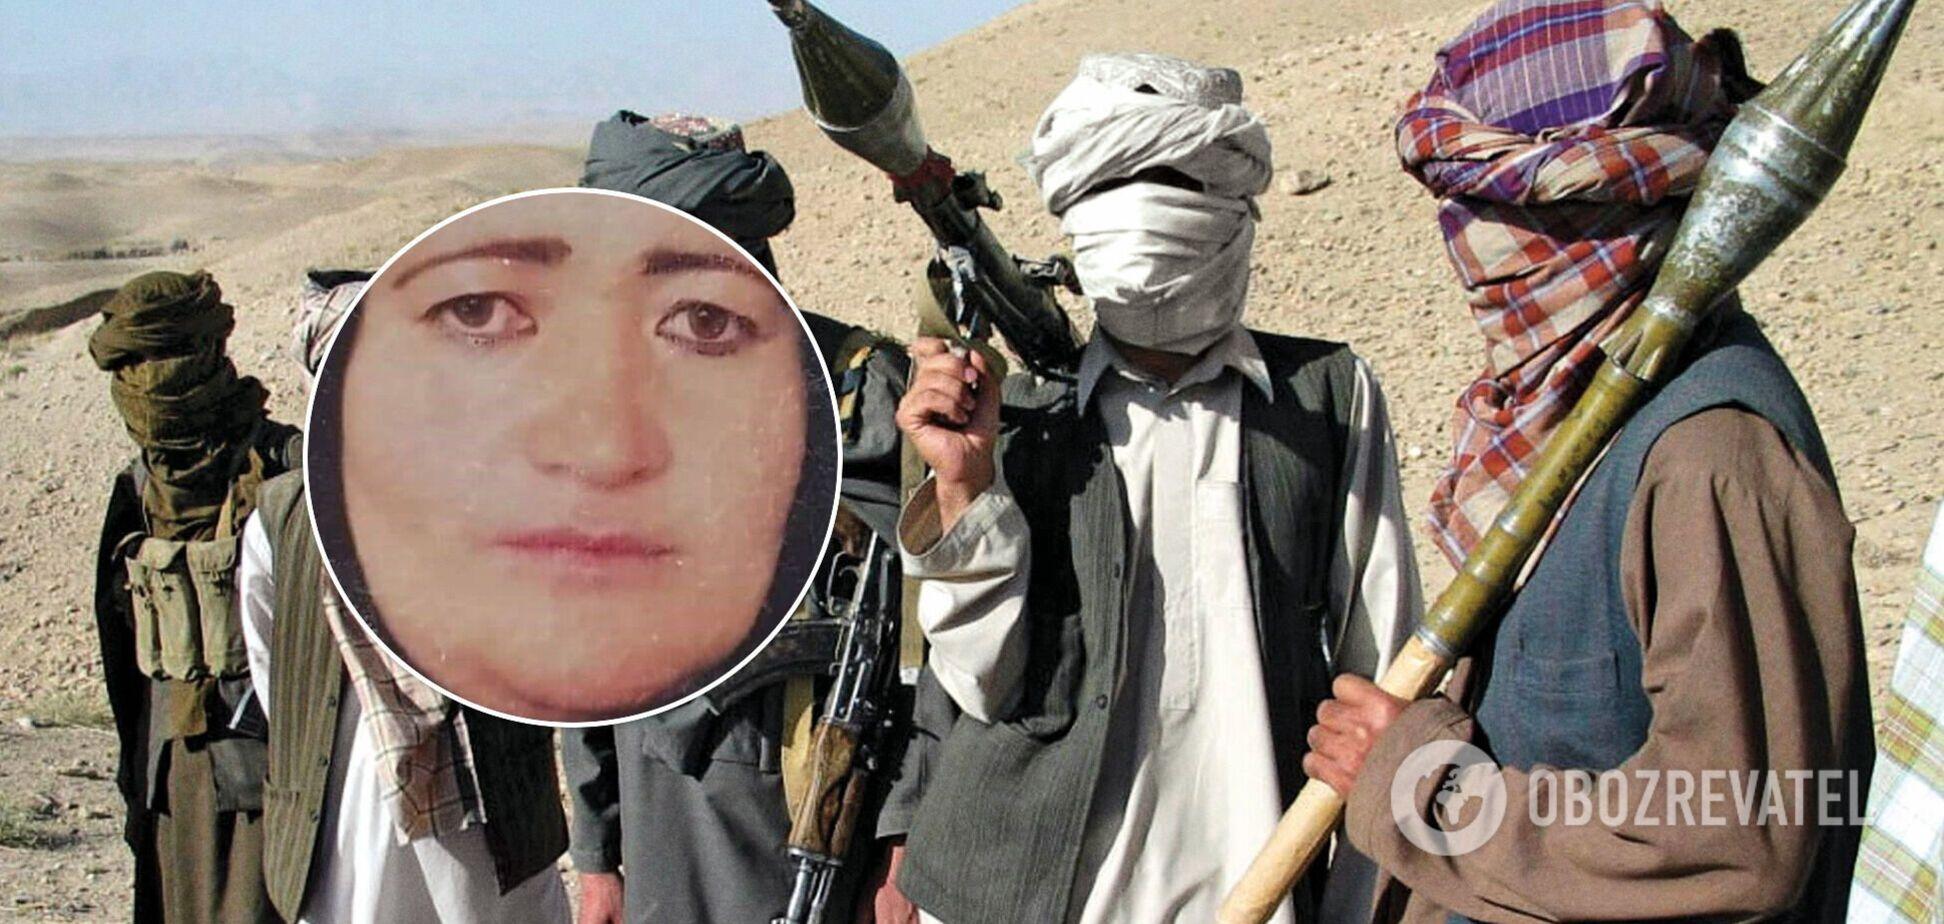 У ЗМІ повідомили про вбивство вагітної жінки талібами: бойовики заперечують